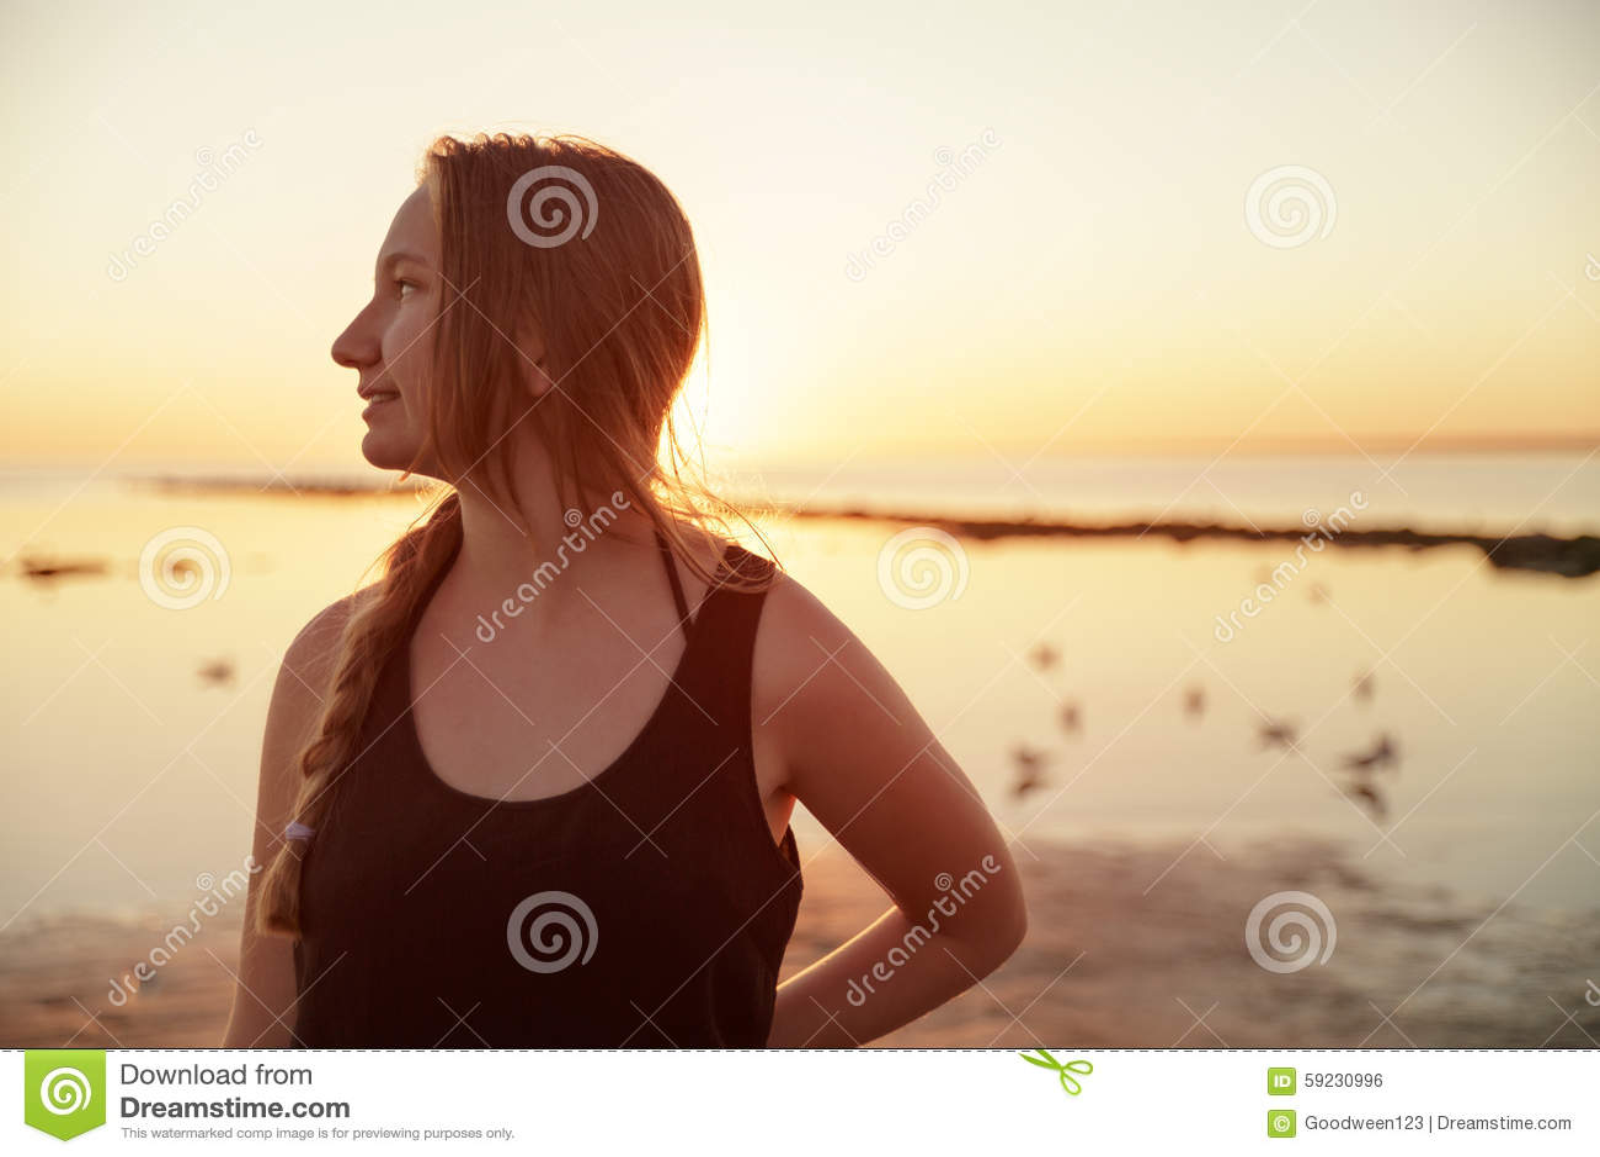 Download Retrato De La Muchacha Adolescente Feliz En La Playa Foto de archivo - Imagen de feliz, playa: 59230996